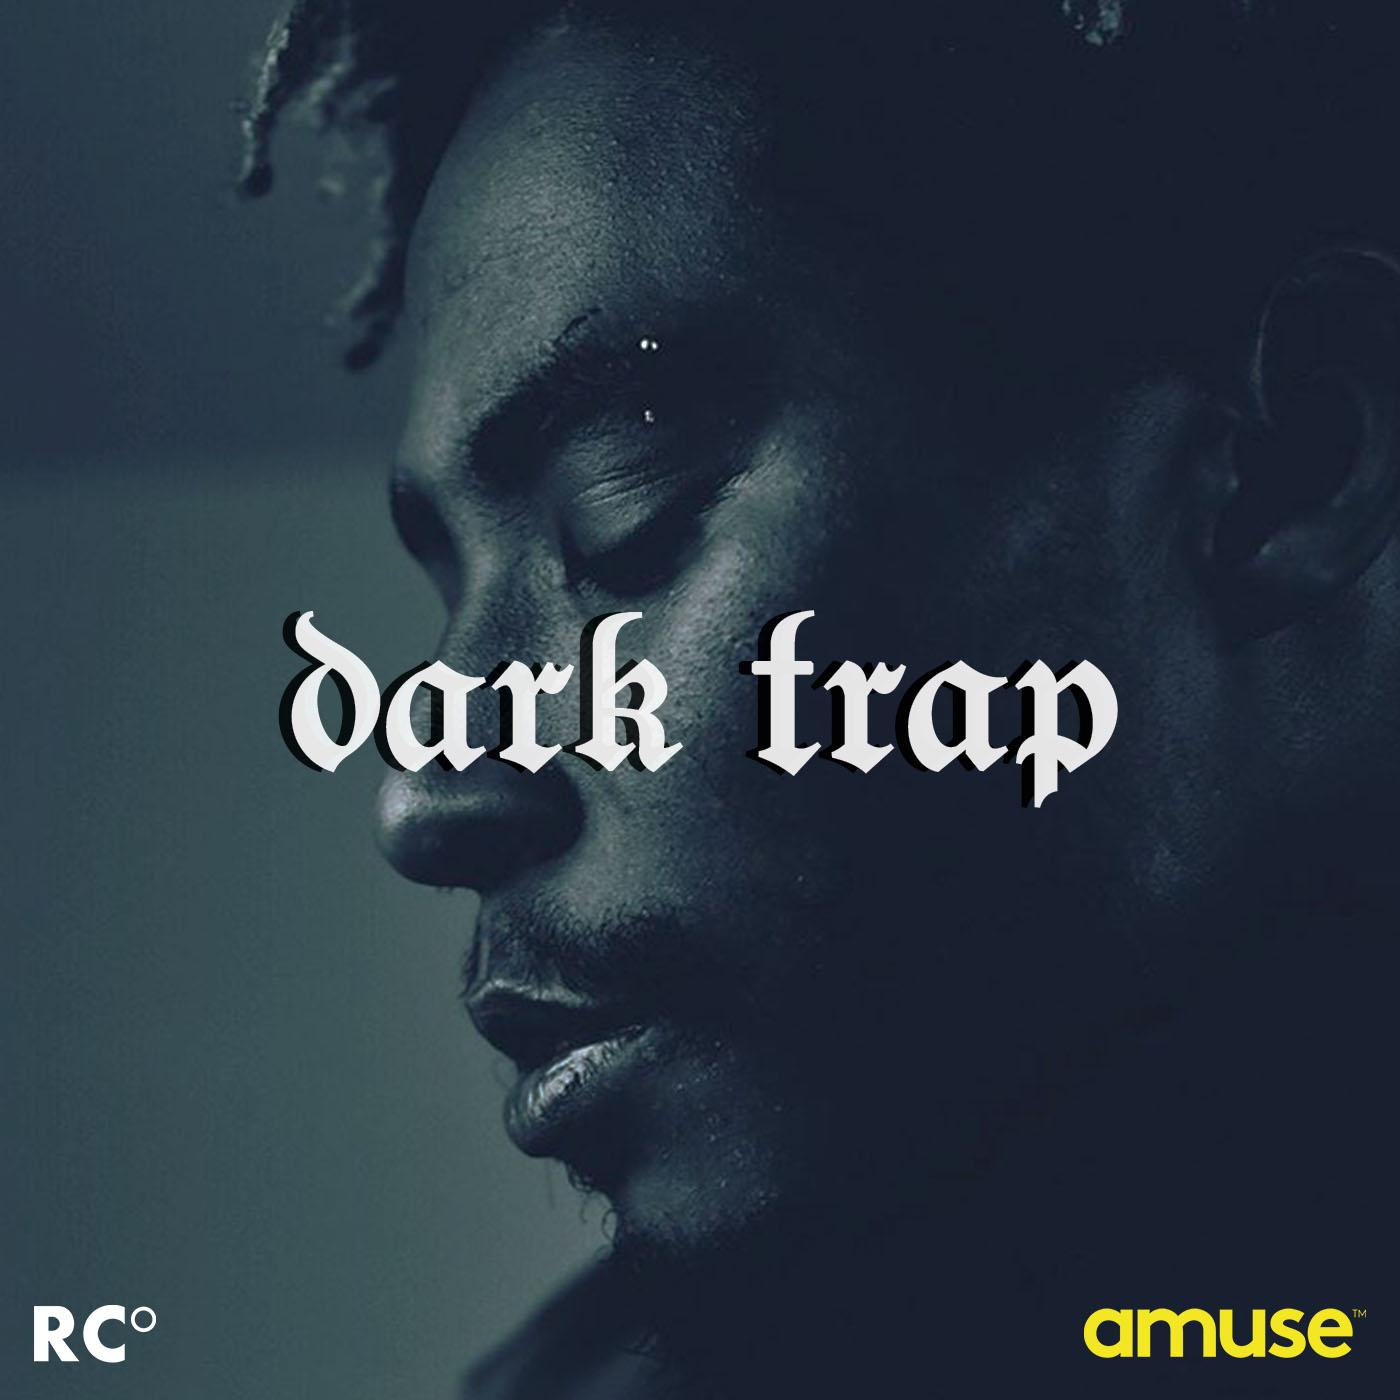 RyanCelsius-Playlist-Final-DarkTrap 2